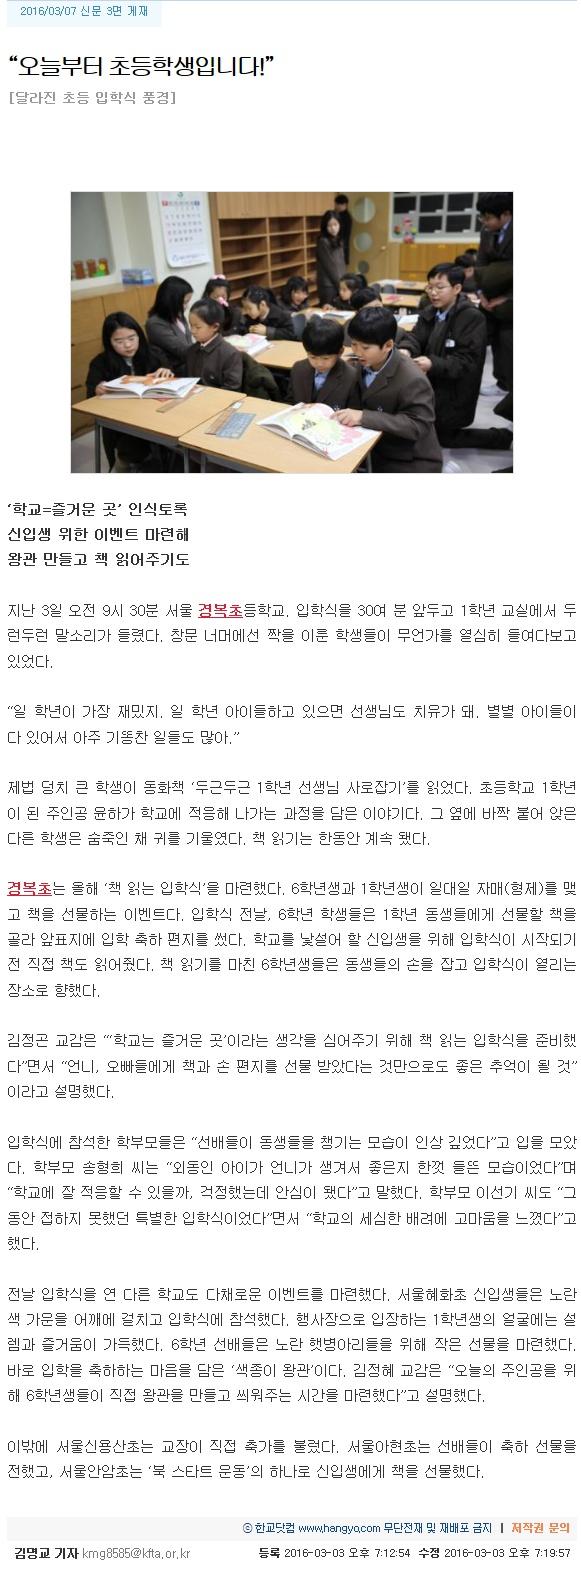 hangyo_com_20160307_124606.jpg